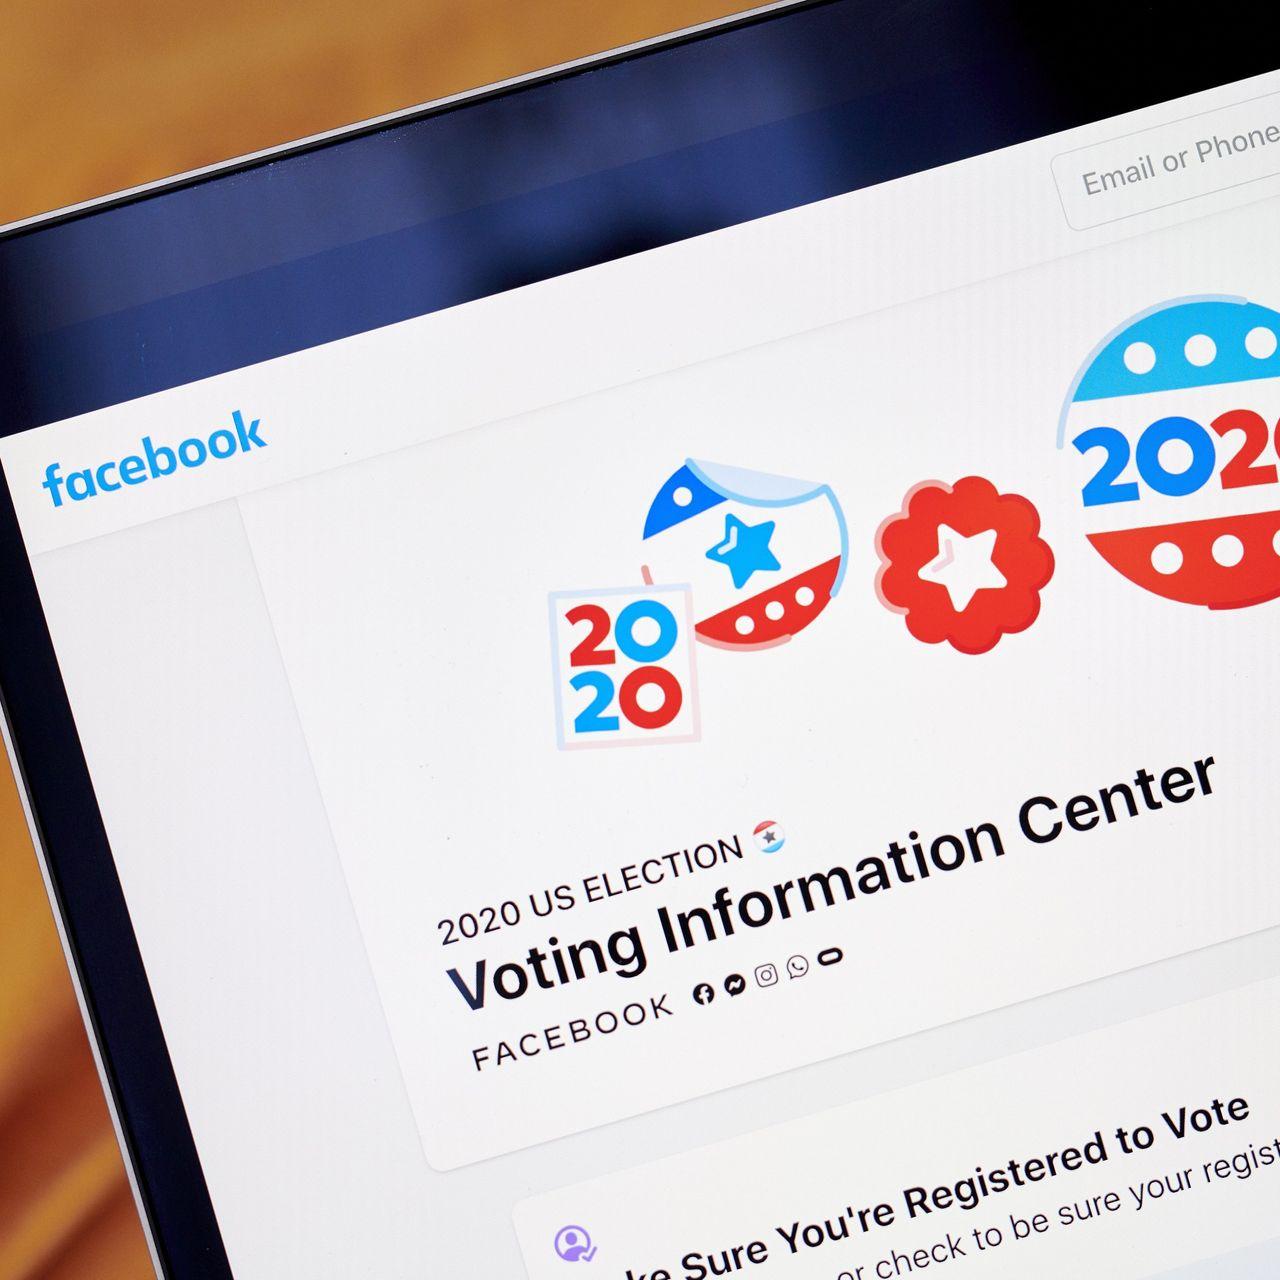 據悉,臉書高層只會在緊急情況下,比如選舉出現有關的暴力事件時,才授權啟動機制。 華爾街日報圖片